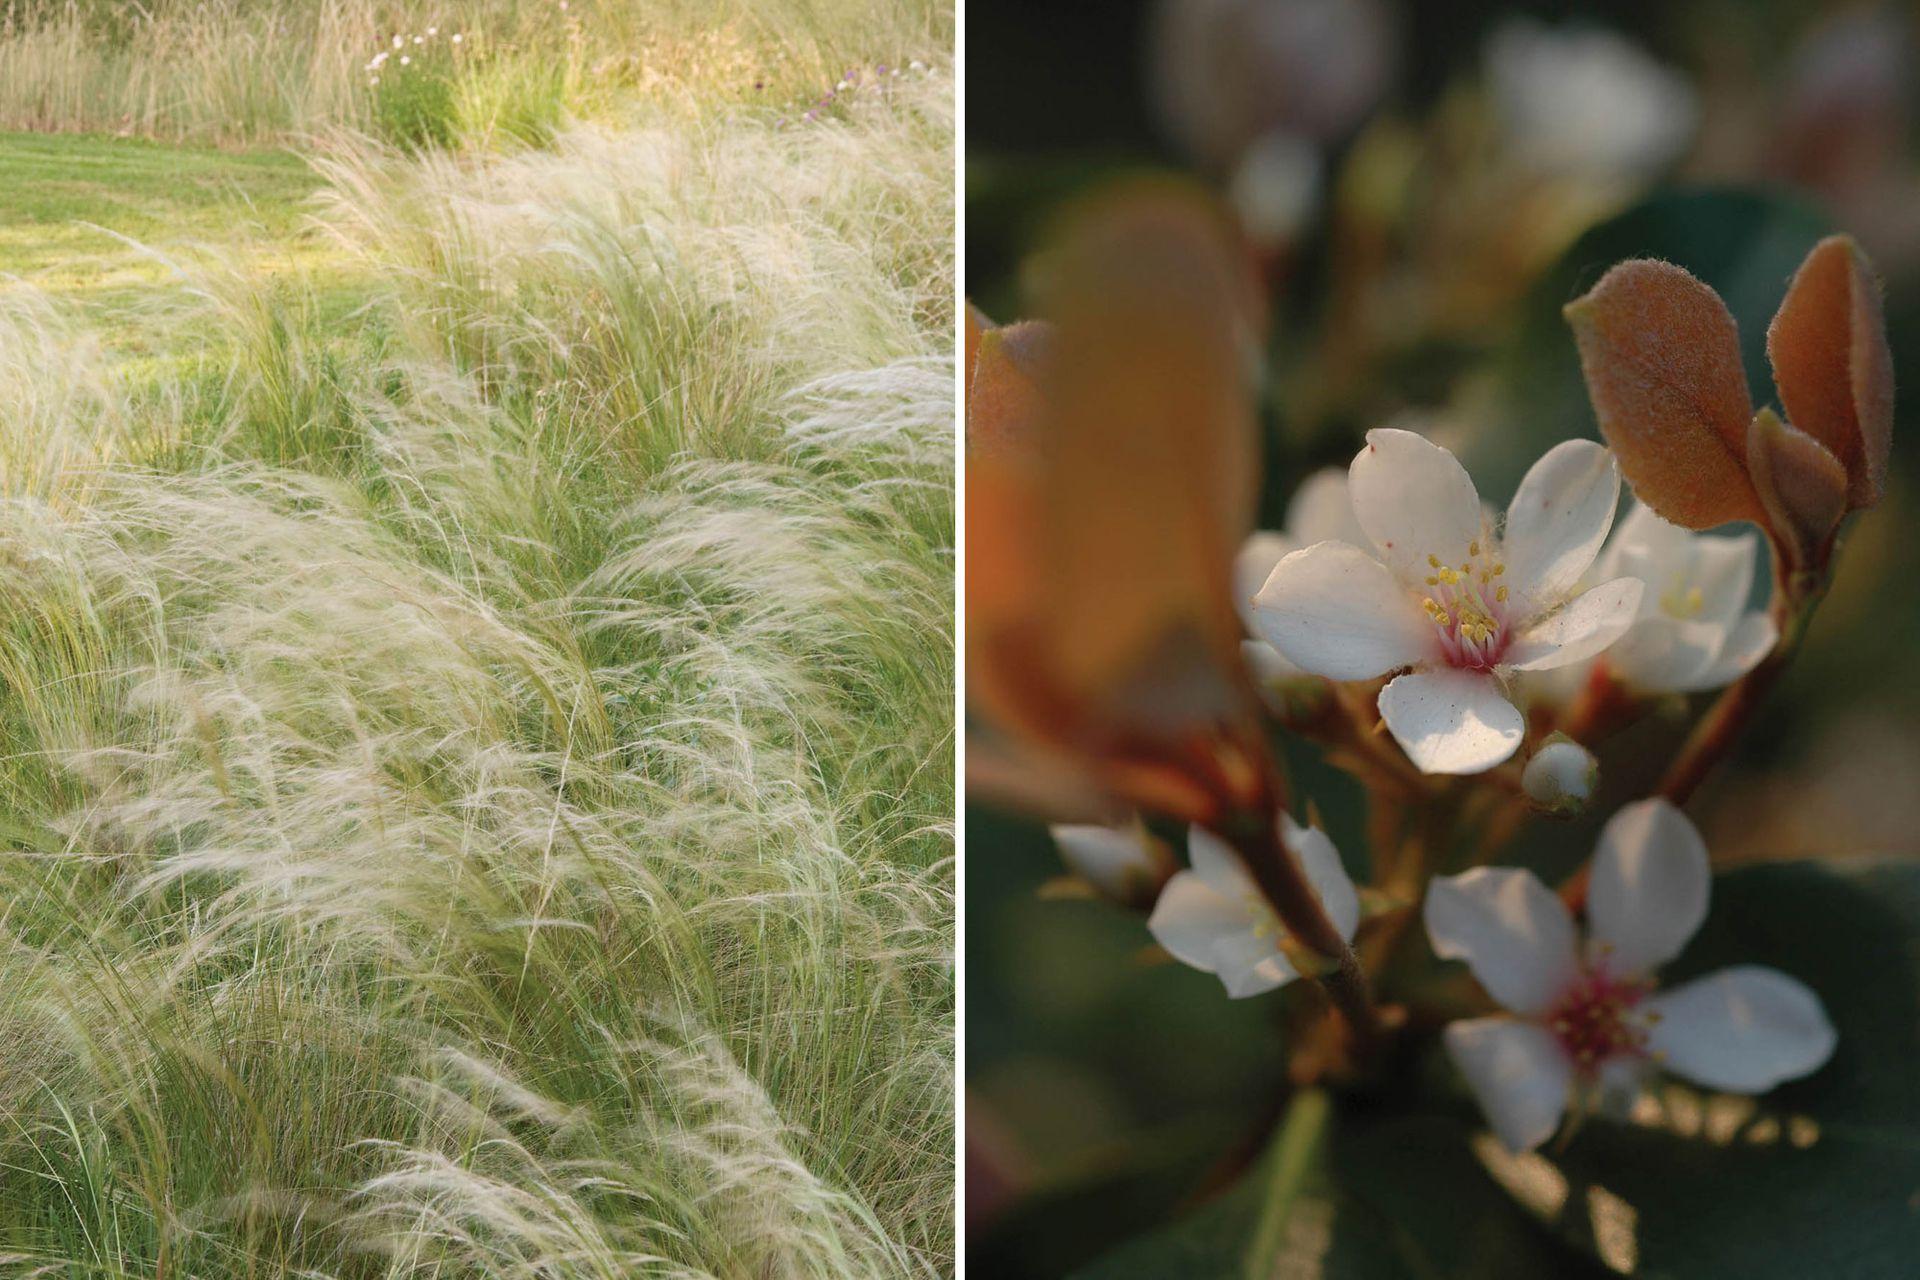 Izquierda: Nassella tenuissima; sus inflorescencias leves siguen el vaivén del viento y dan dinamismo a los diseños. Derecha: Rafolepis, un arbusto, también de follaje perenne, compacto, que produce en primavera flores blancas y fragantes.